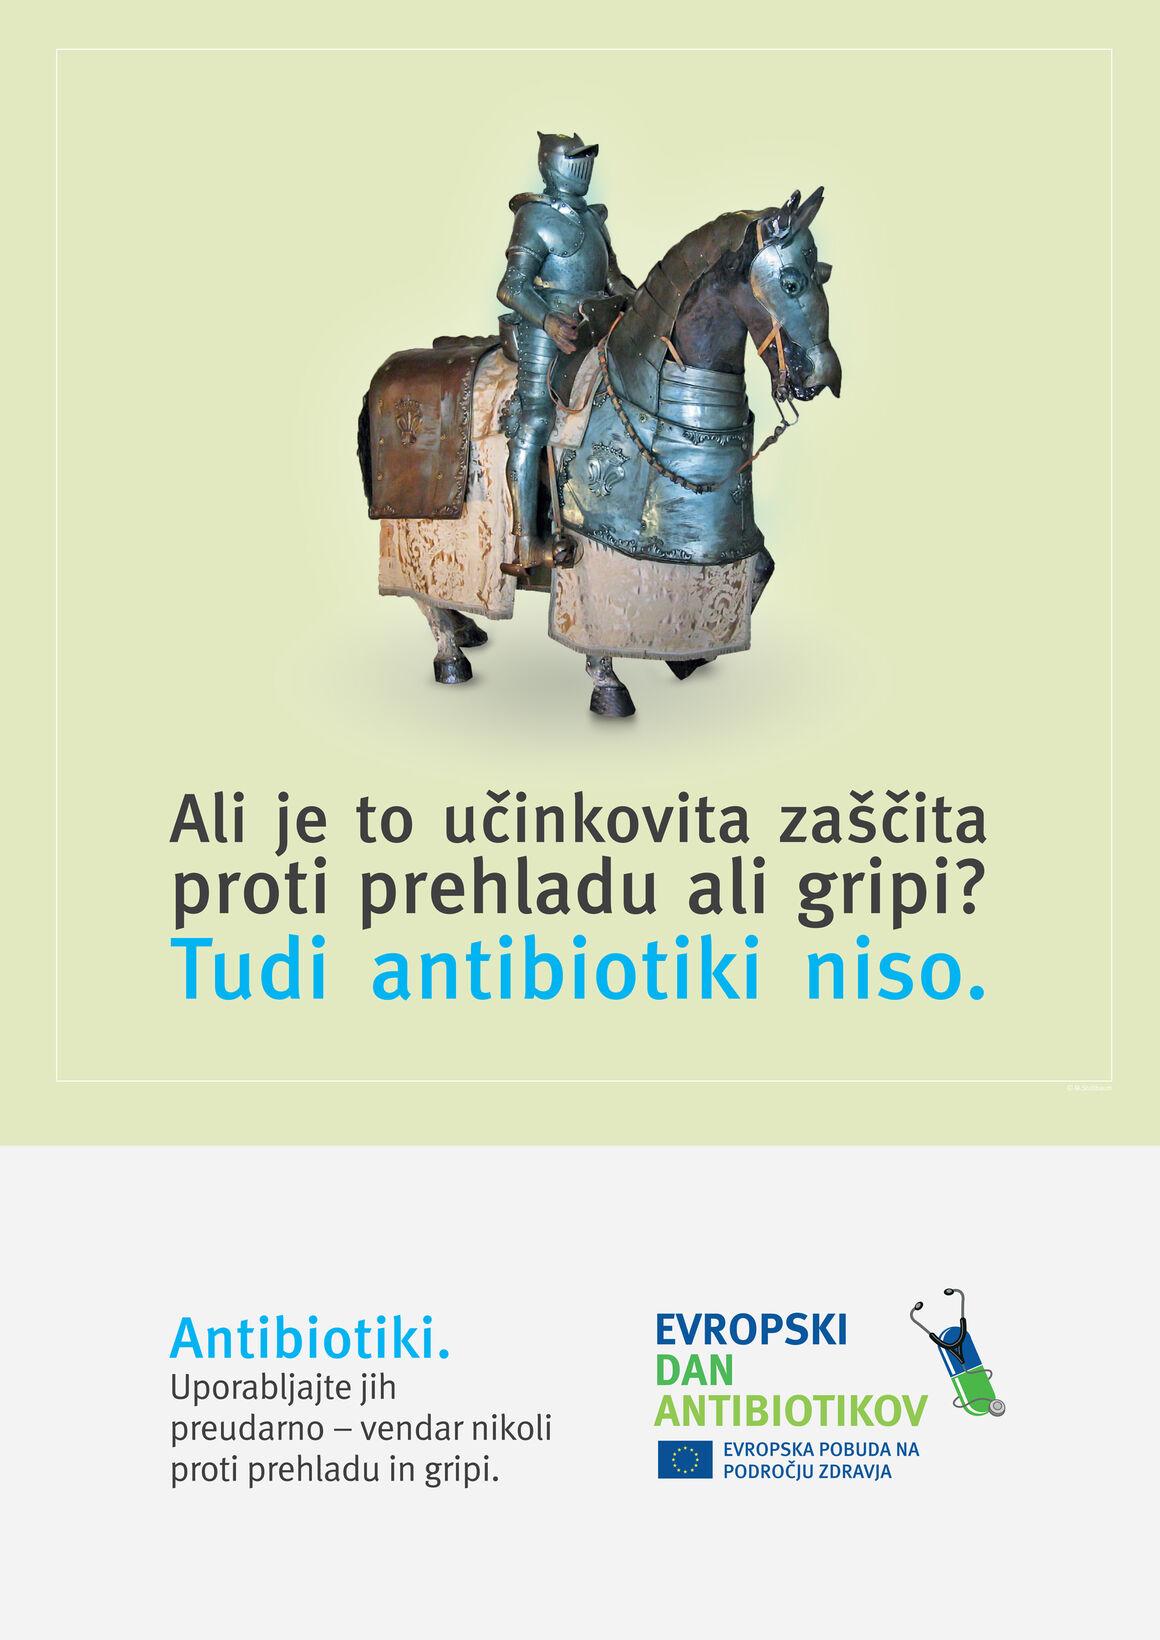 Plakāti: Ali je to učinkovita zaščita proti prehladu ali gripi? Tudi antibiotiki niso.